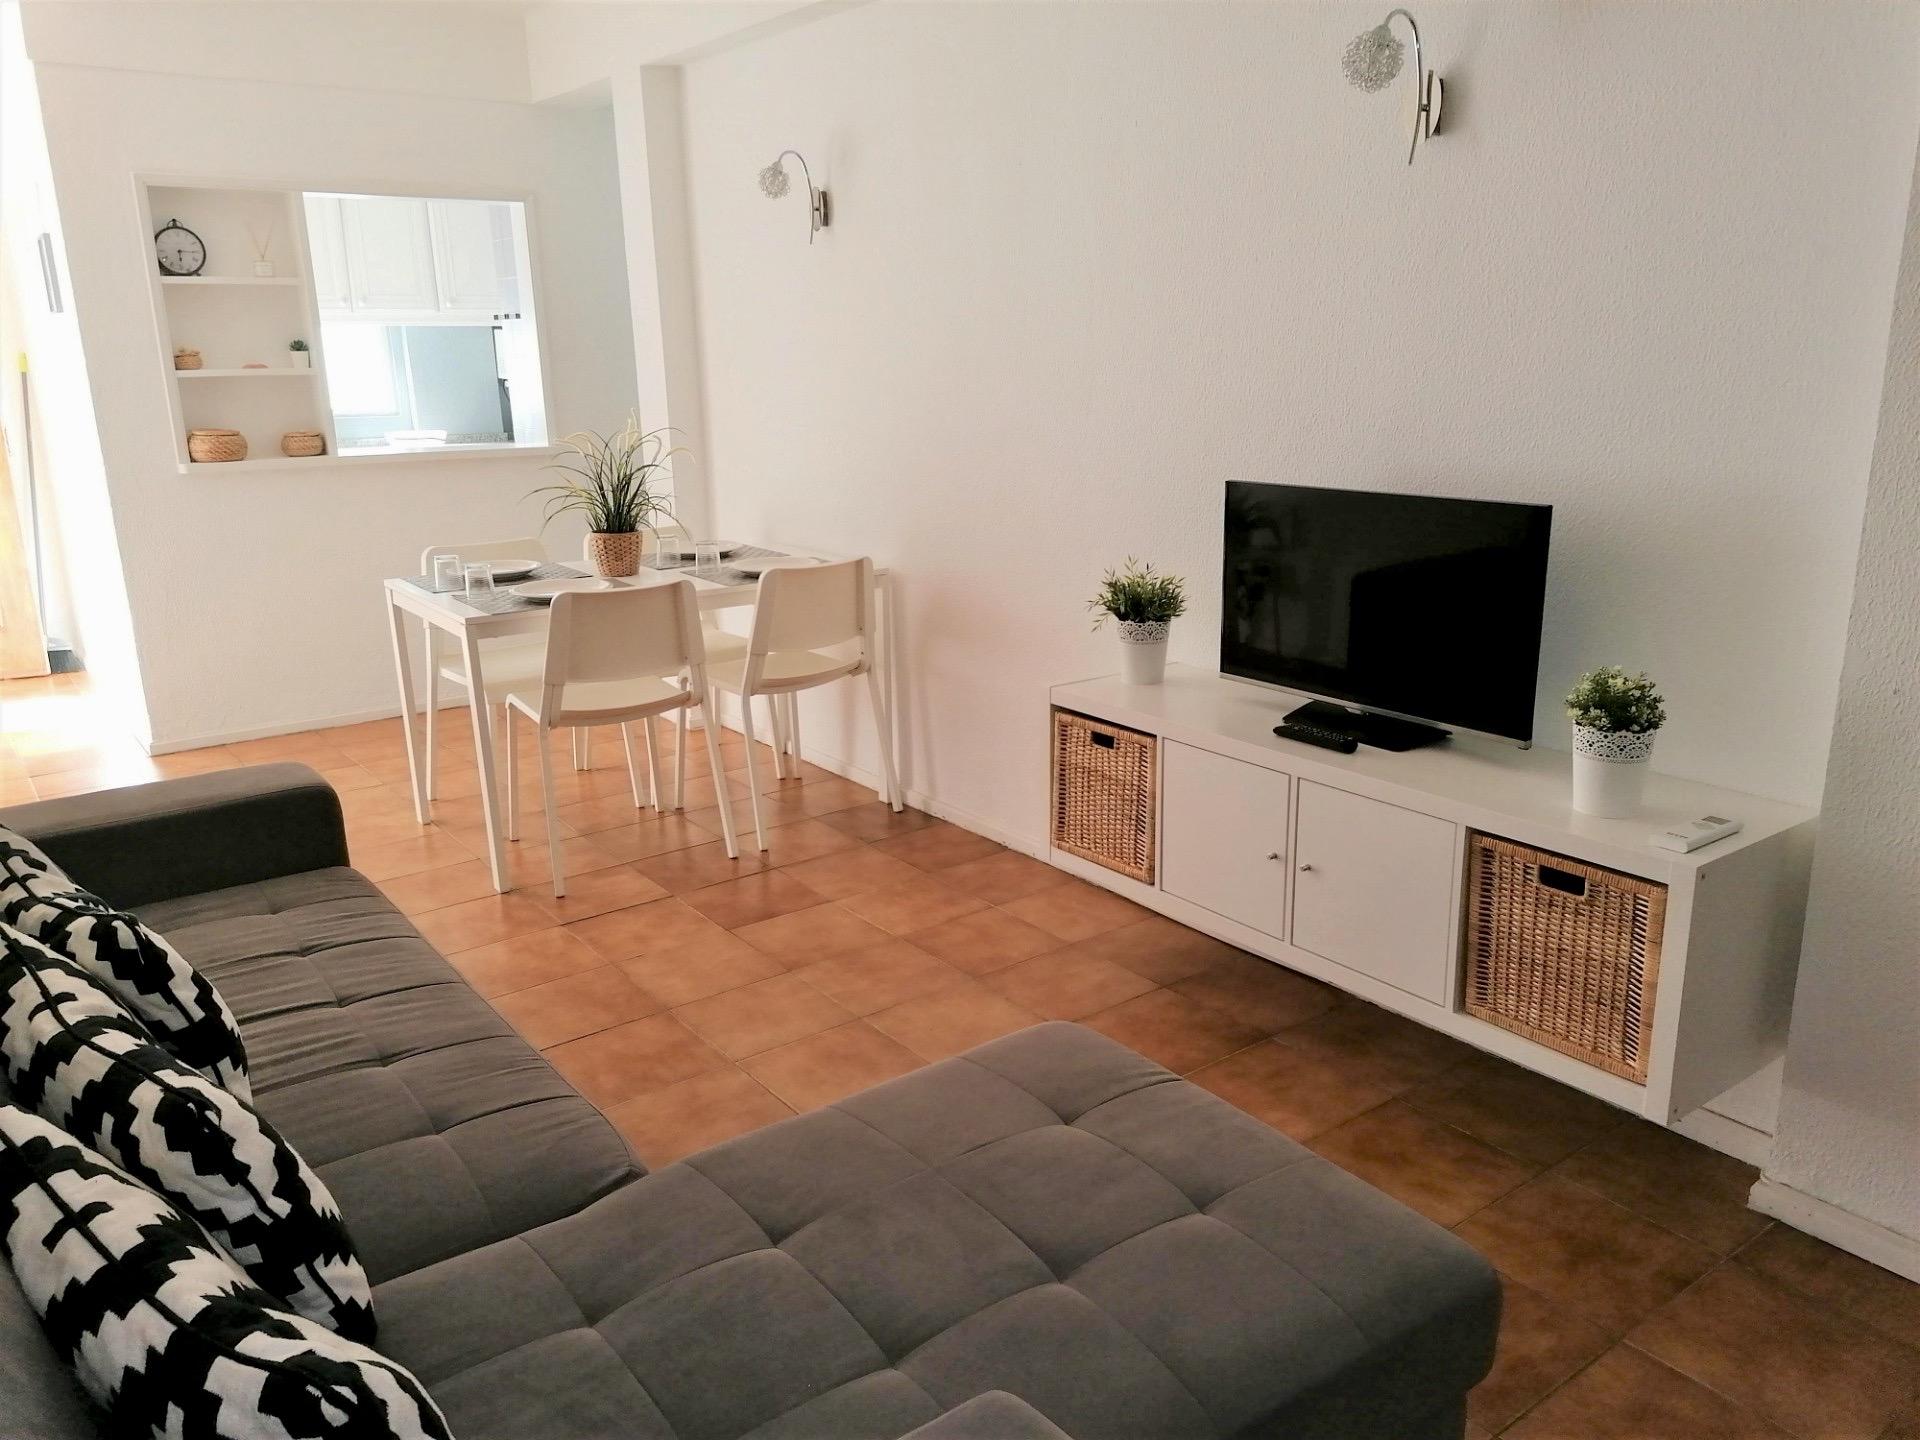 Location appartements et villas de vacance, Albufeira Bran House, Fantástico Apartamento Férias T1, a 200m a pé da praia, Baixa Antiga de Albufeira à Albufeira, Portugal Algarve, REF_IMG_15967_15973